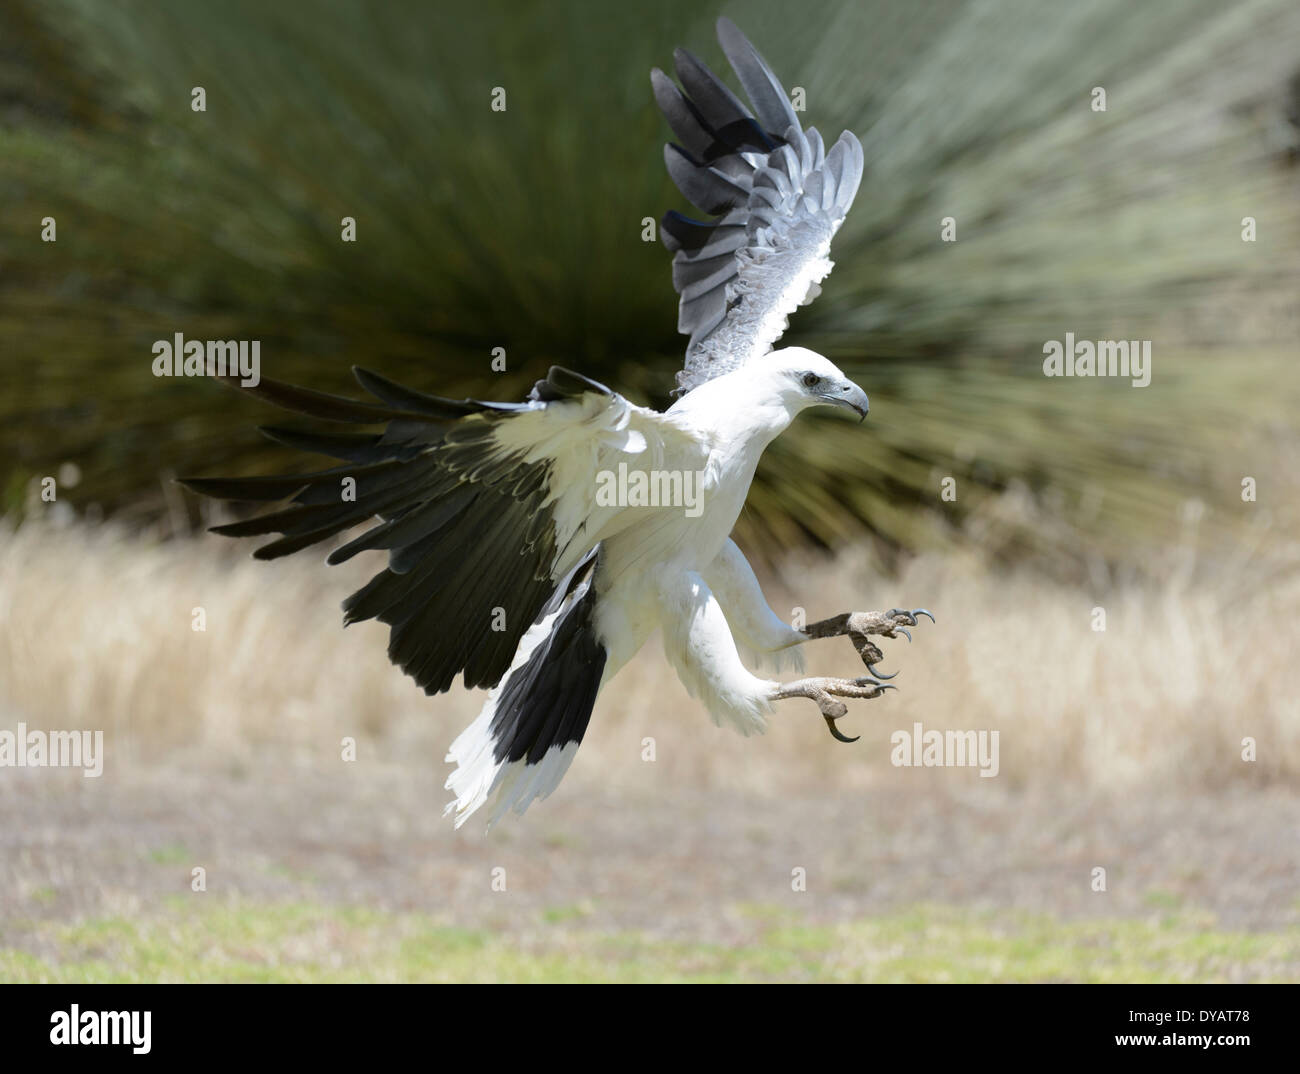 white-bellied-sea-eagle-haliaeetus-leuco